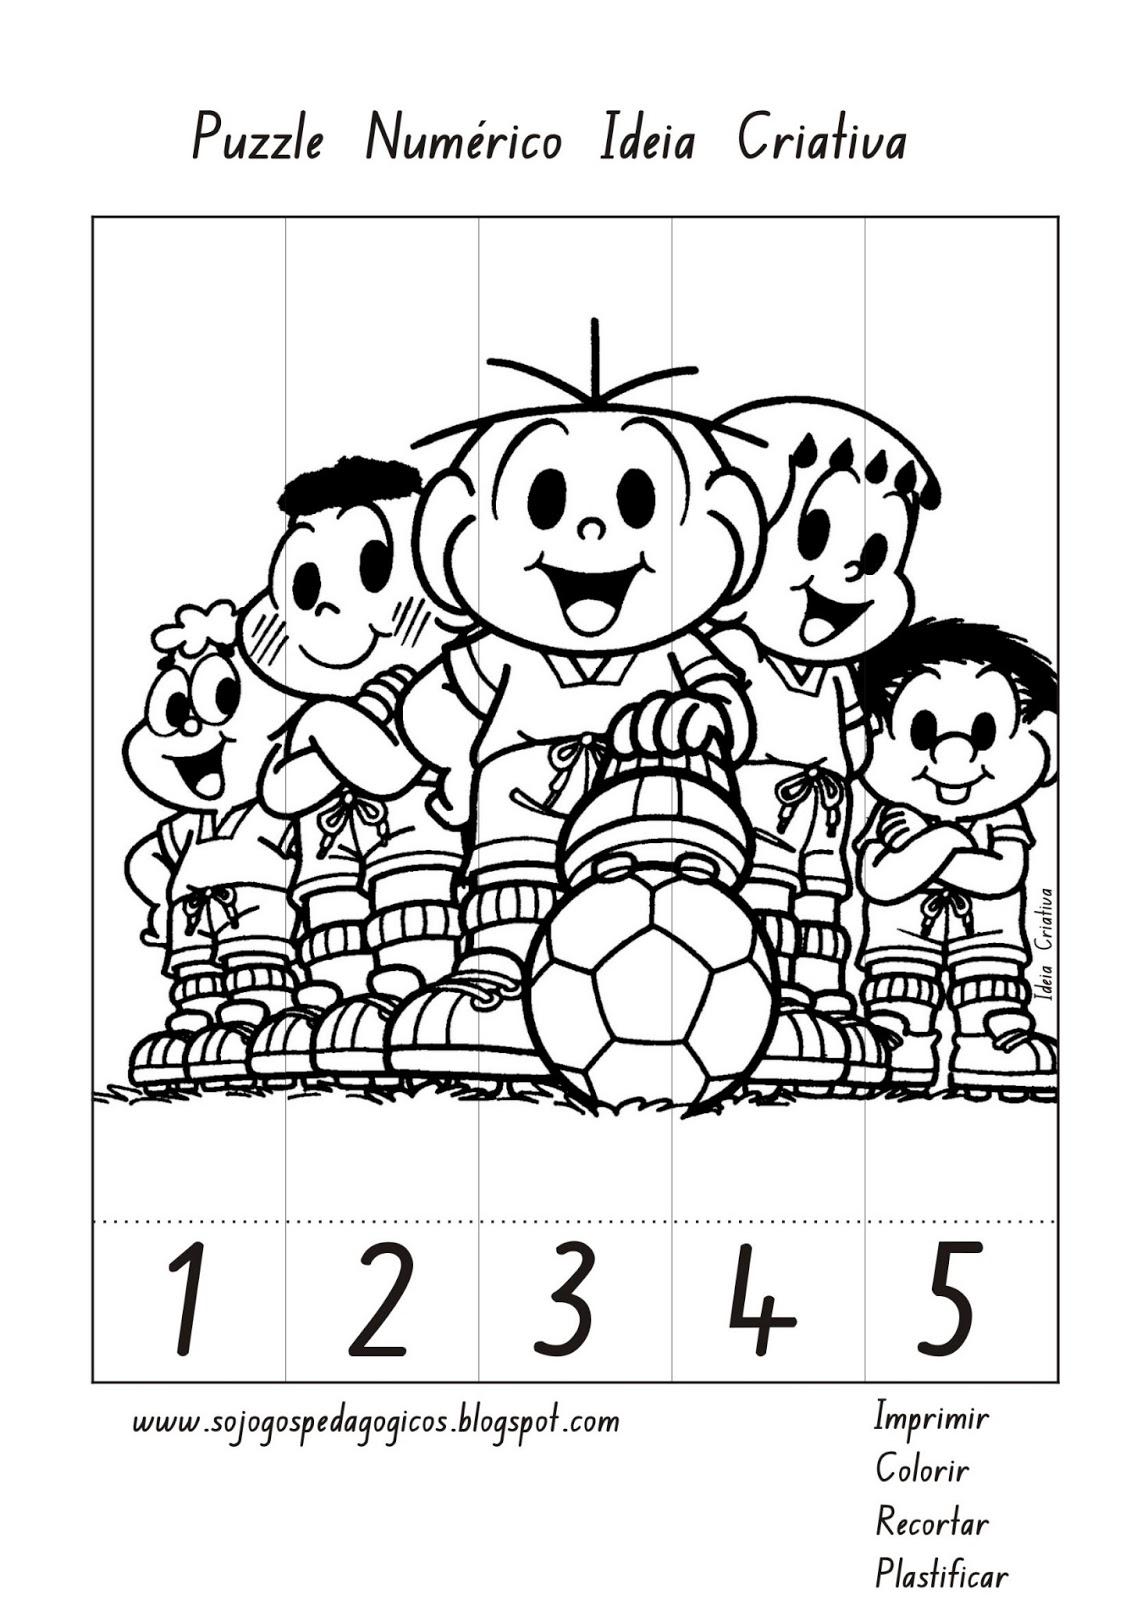 Puzzle Numérico Turma da Mônica